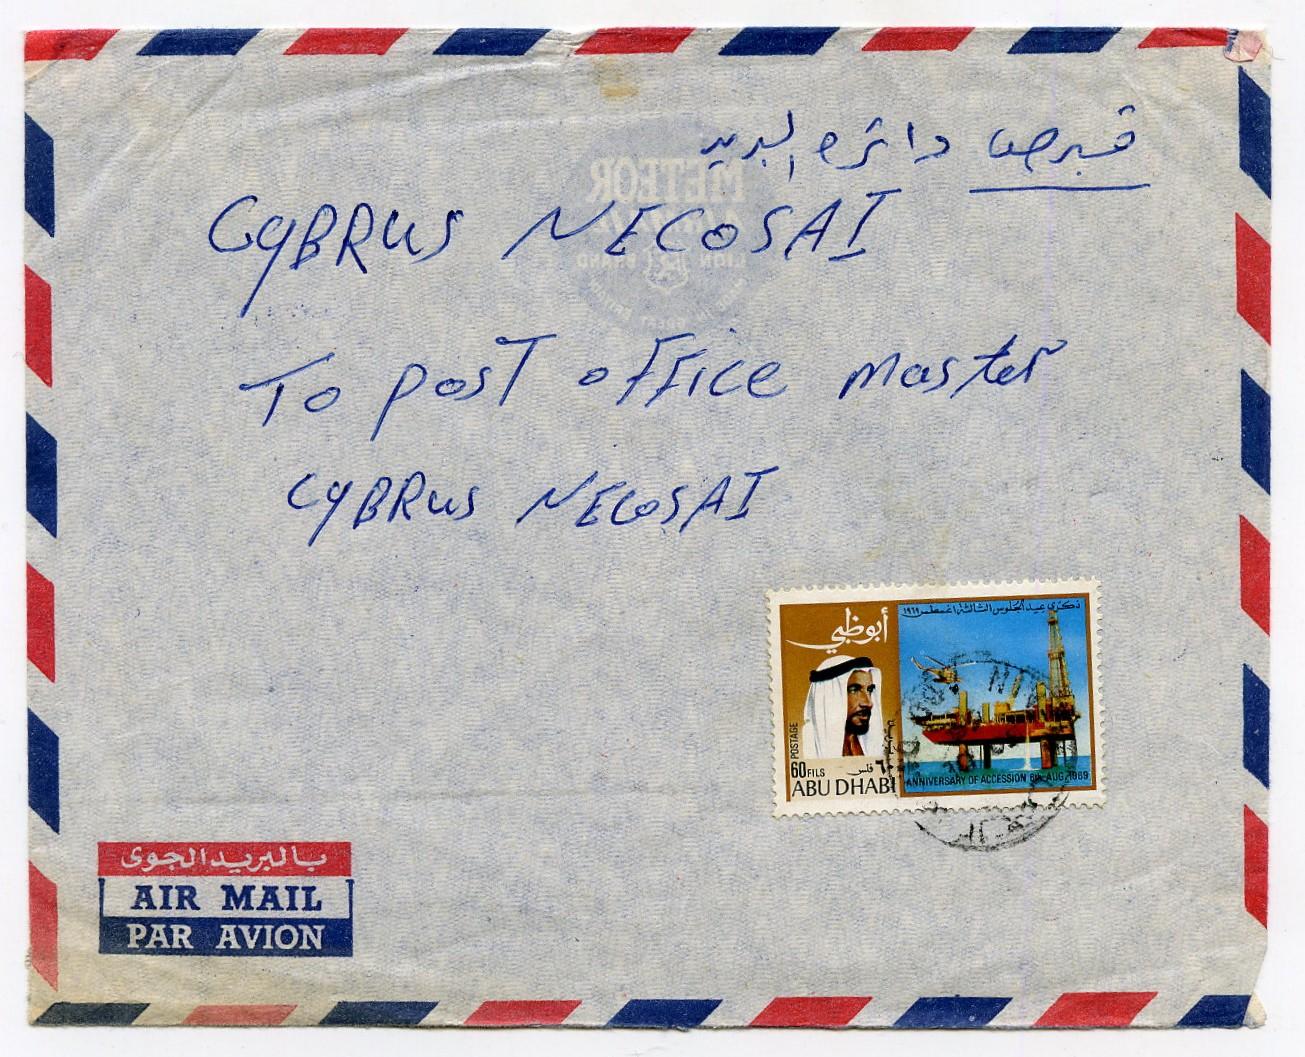 a1dfcf99db7a は、当時、アブダビに出稼ぎに来ていたパレスチナ人労働者が家族あてに差し出したと思しき封筒である。